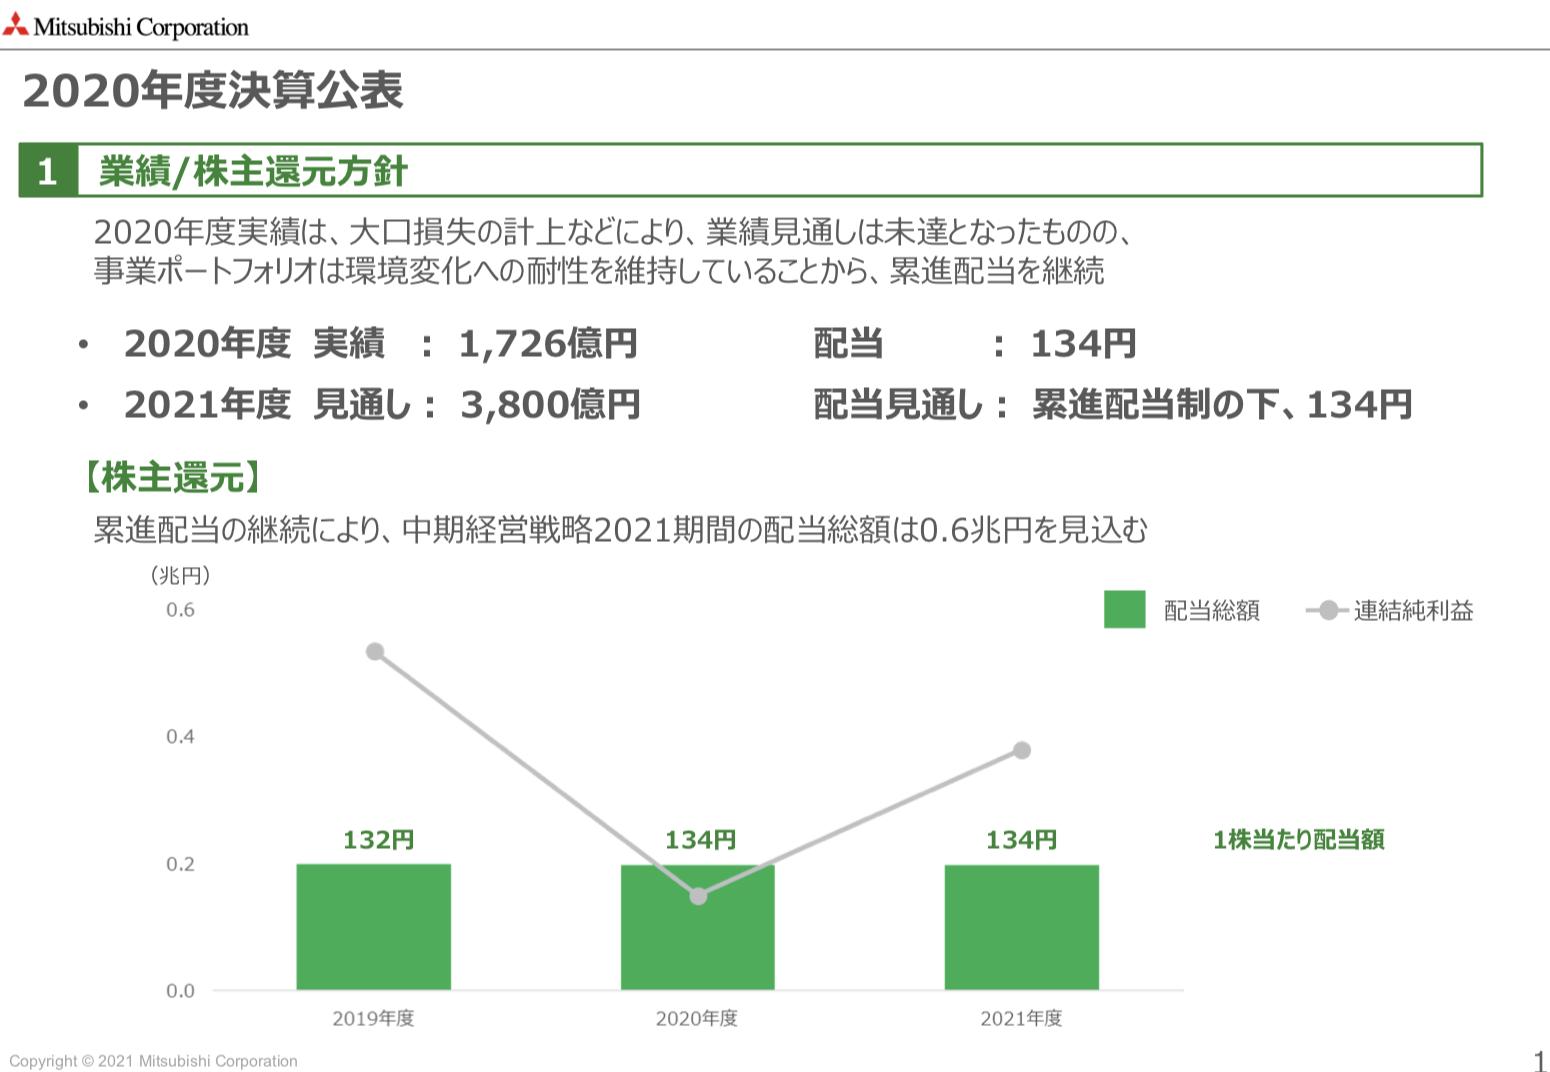 三菱商事 2020年度決算公表 未来を見据えた重要課題